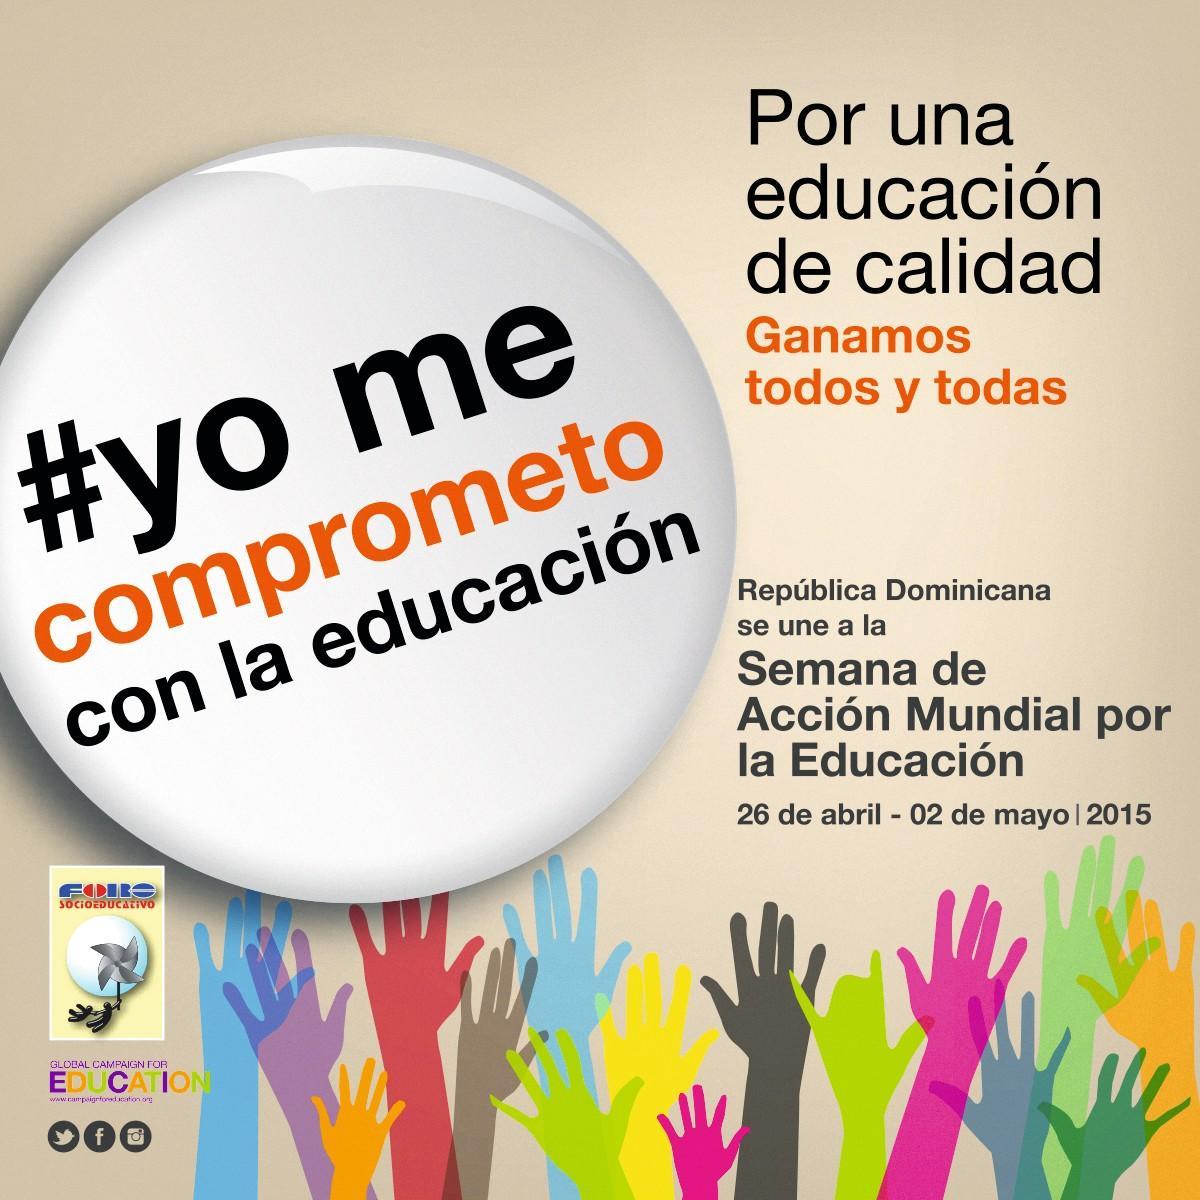 Cartel de la Semana de Acción Mundial por la Educación, Foro socioeducativo, República Dominicana, 2015